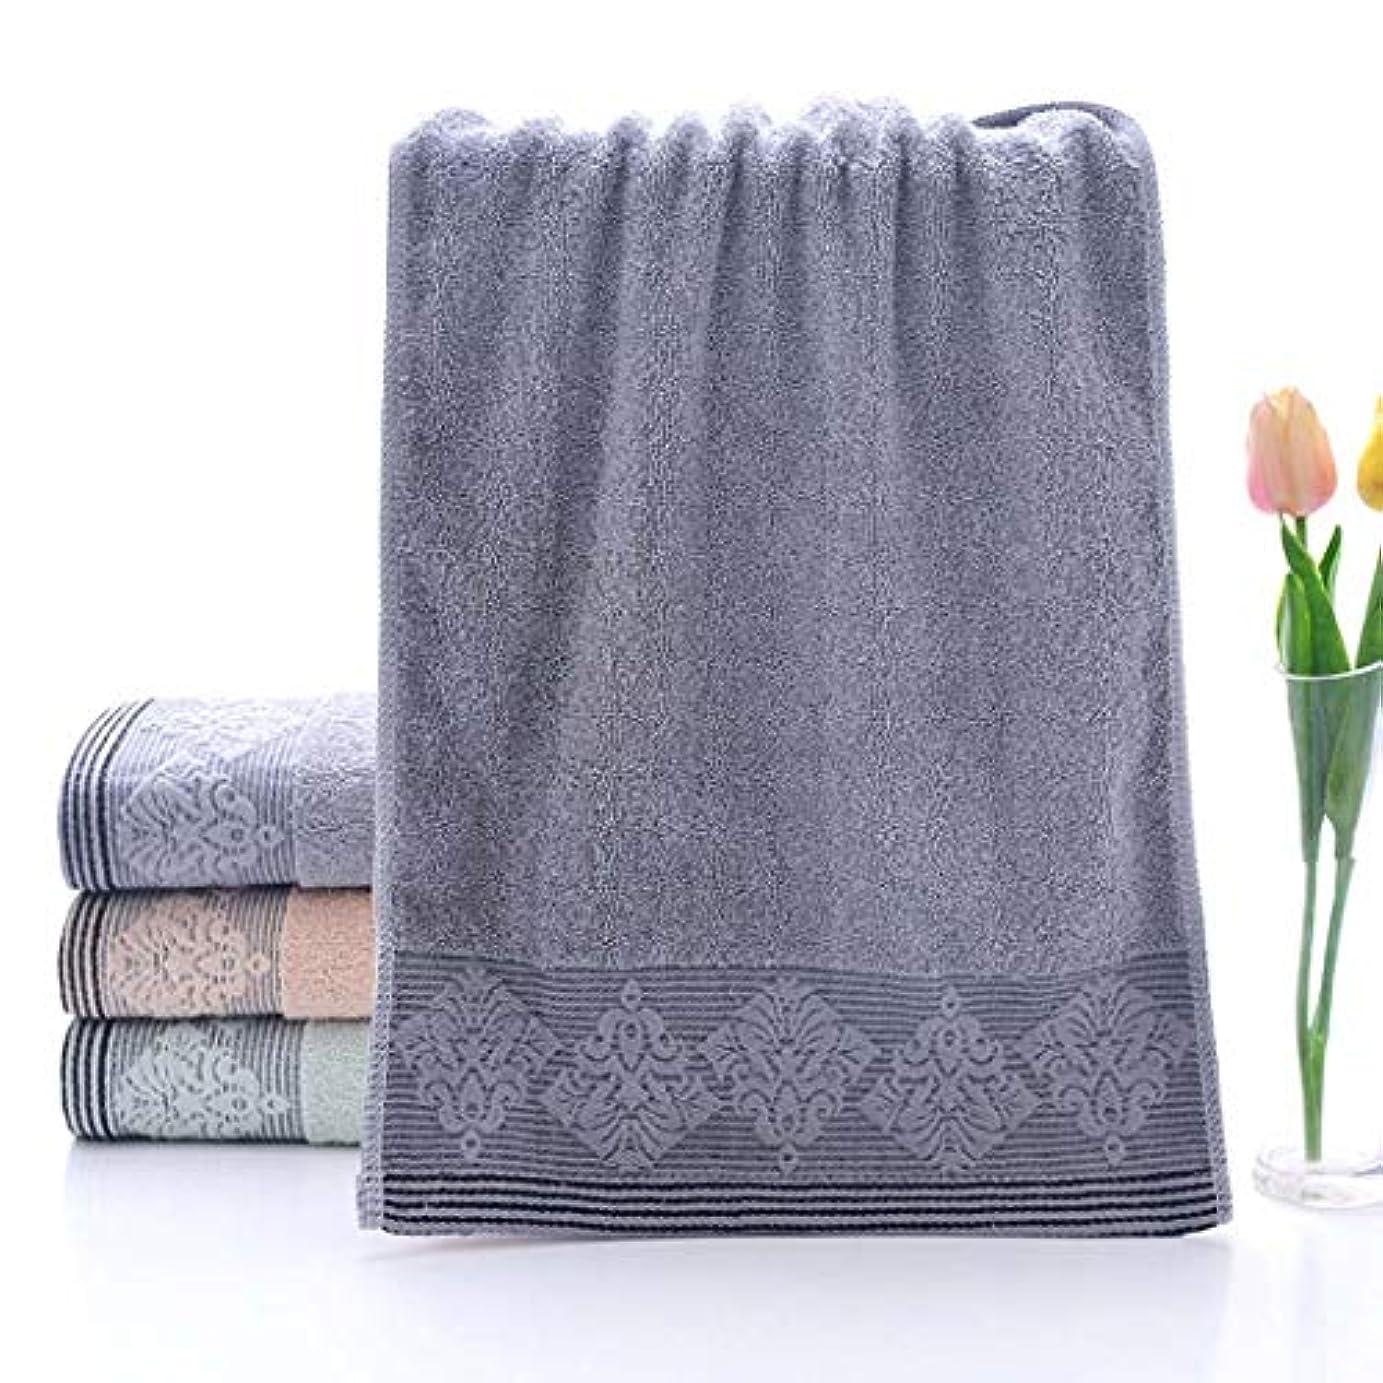 苛性苦悩文綿のタオルの速い乾燥したタオルのスポーツタオルの容易な心配,Gray,33*73cm